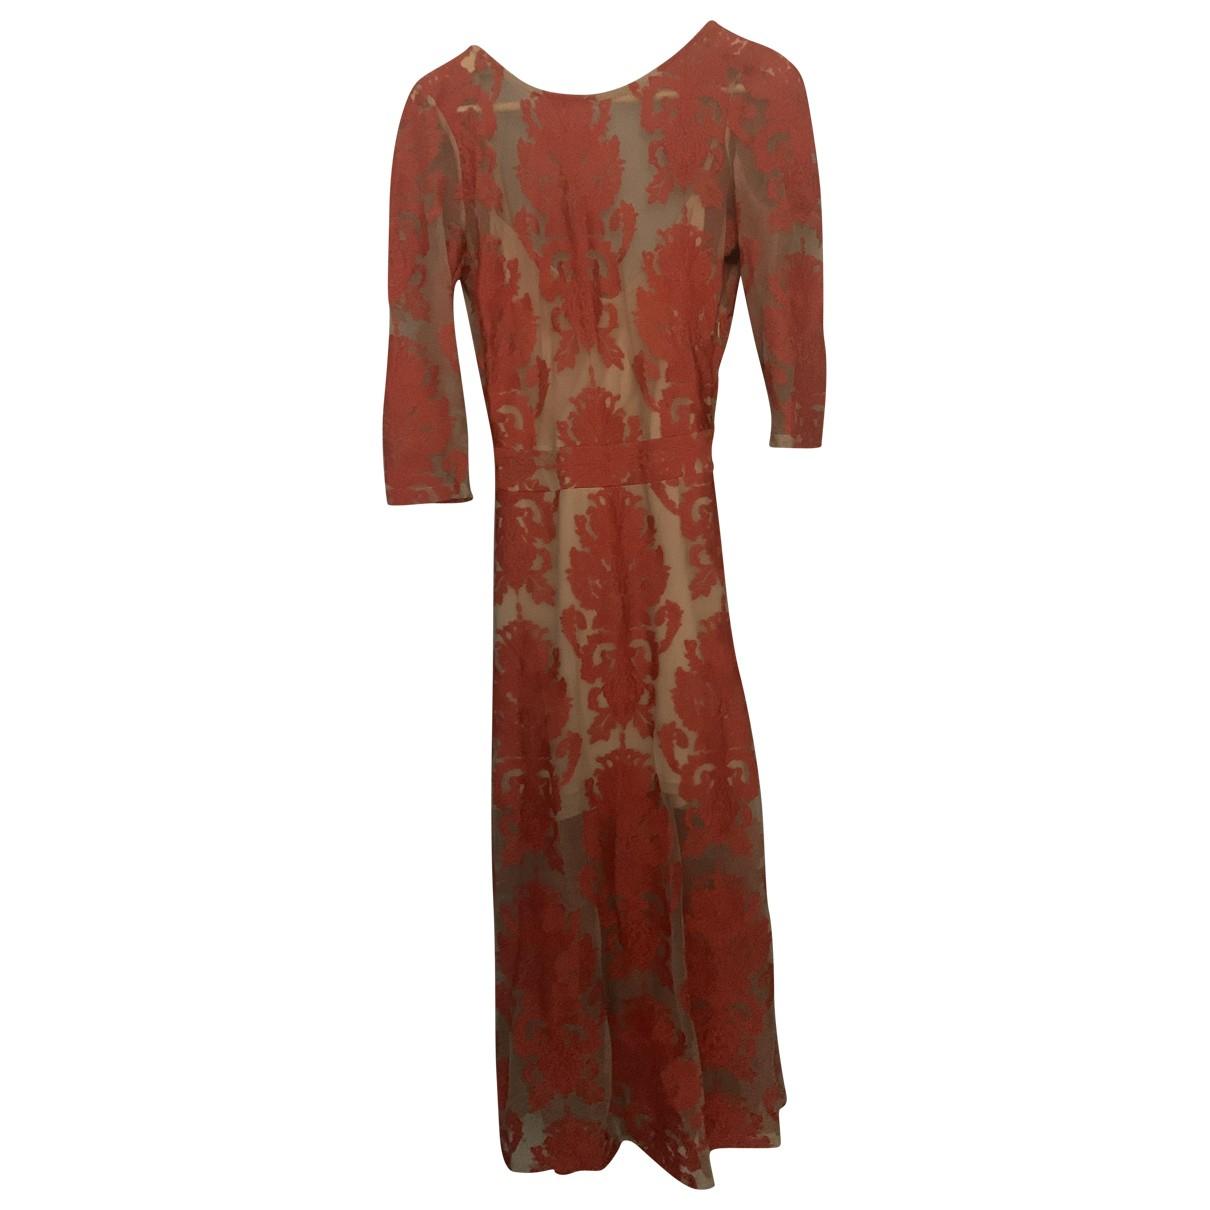 For Love & Lemons \N Red dress for Women S International